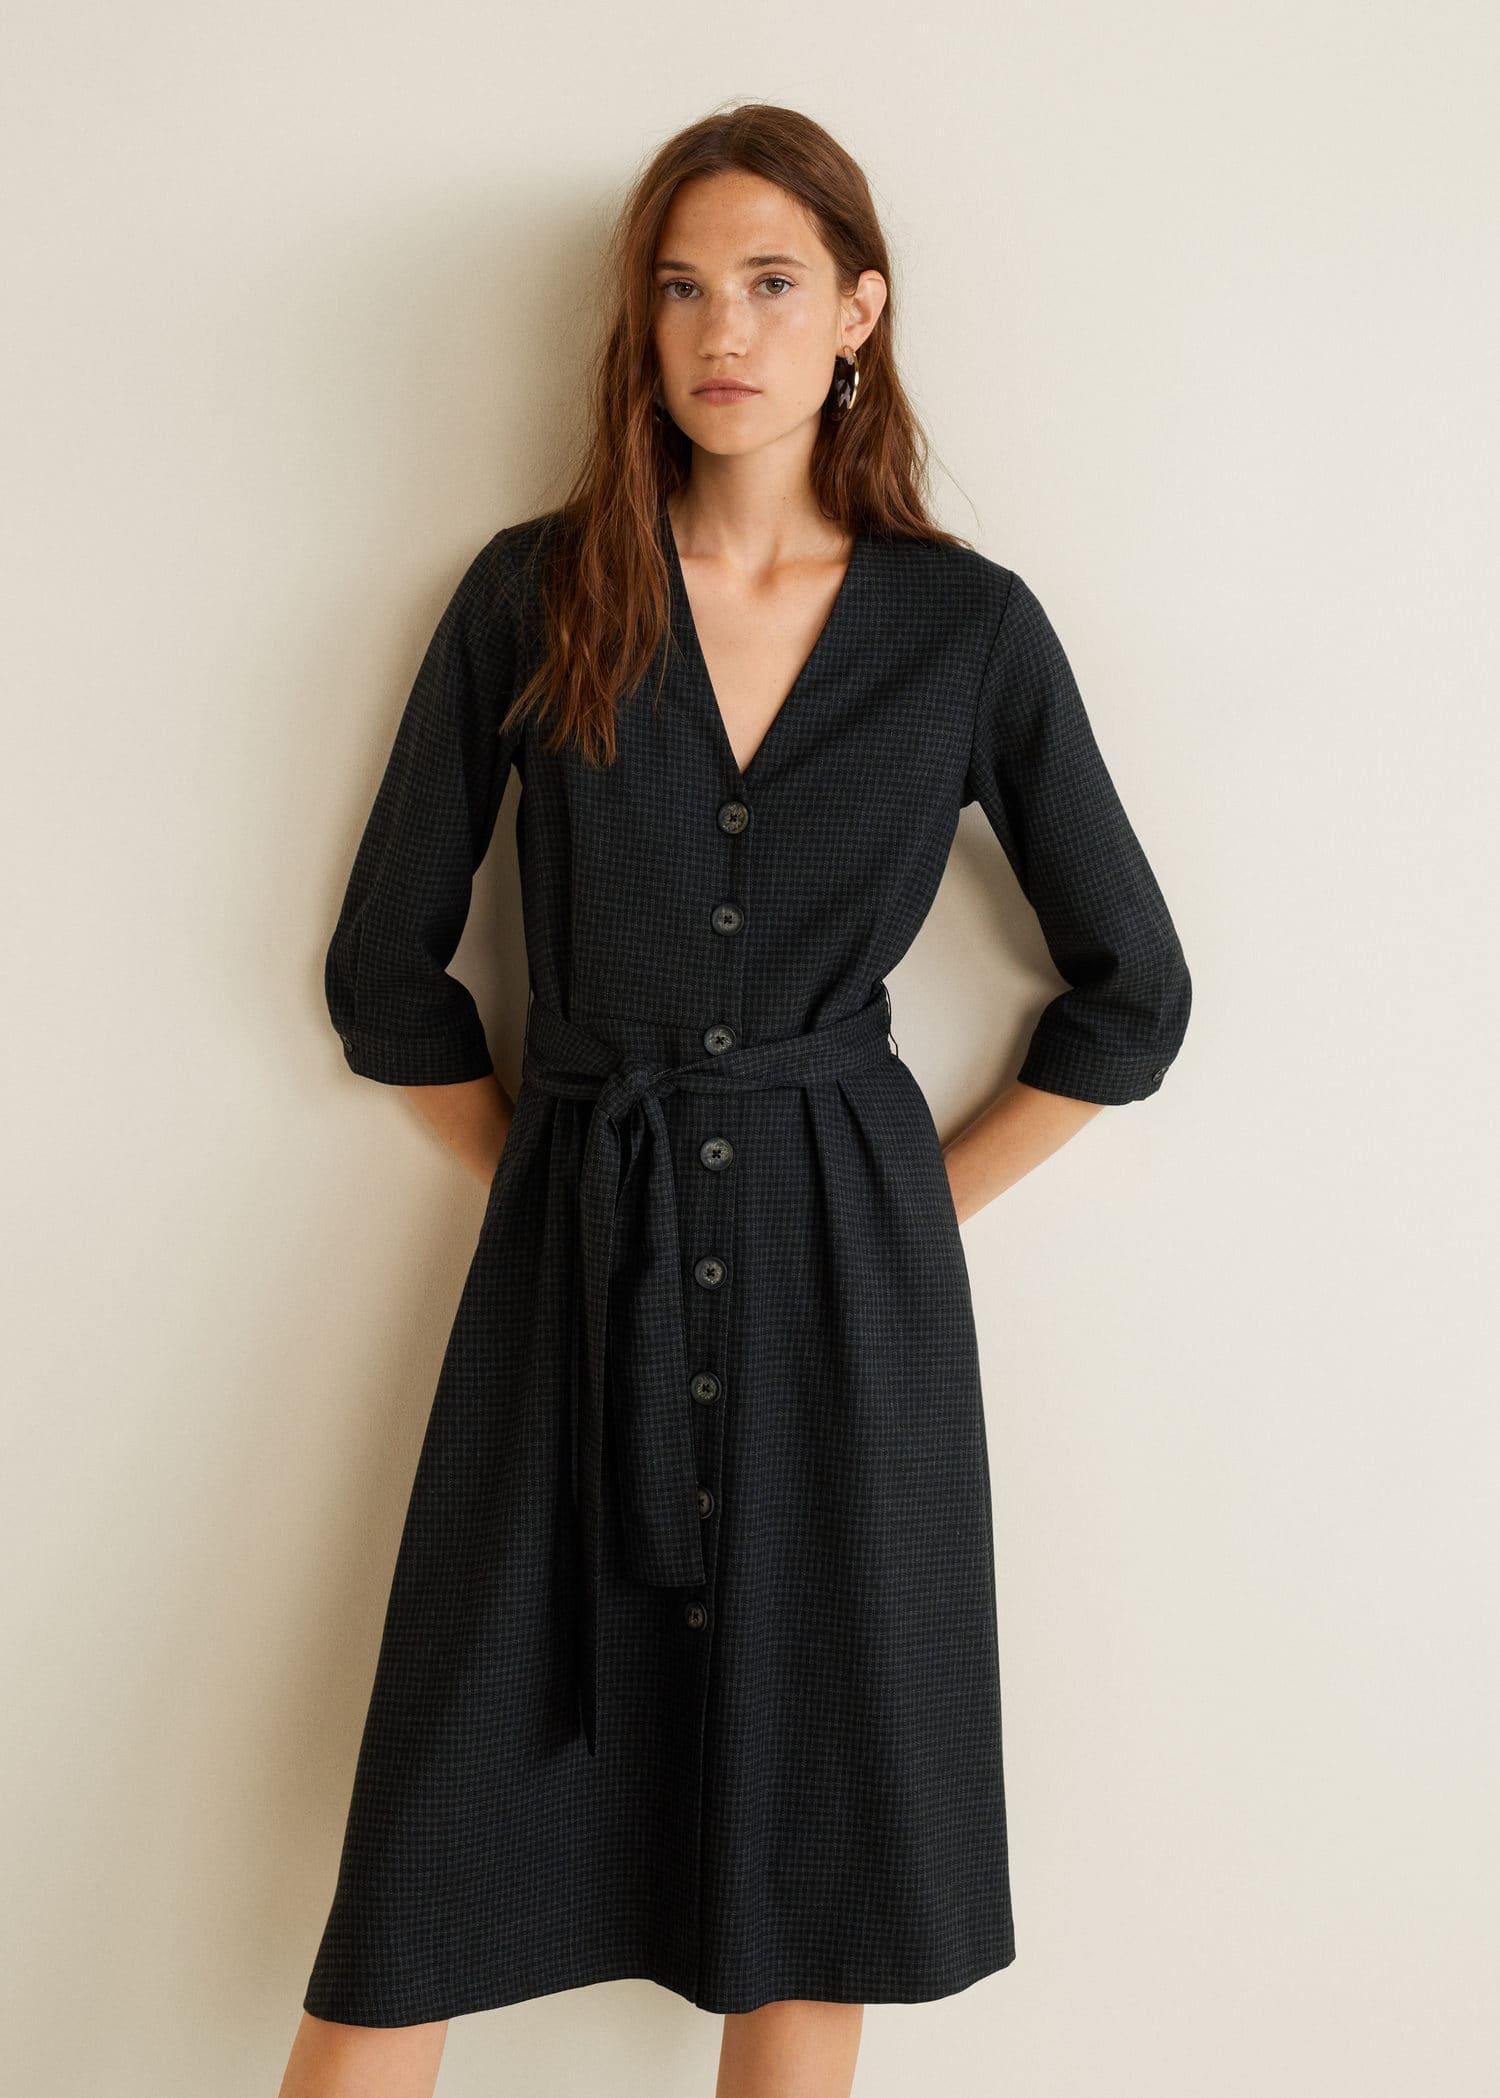 Frauen kleider online